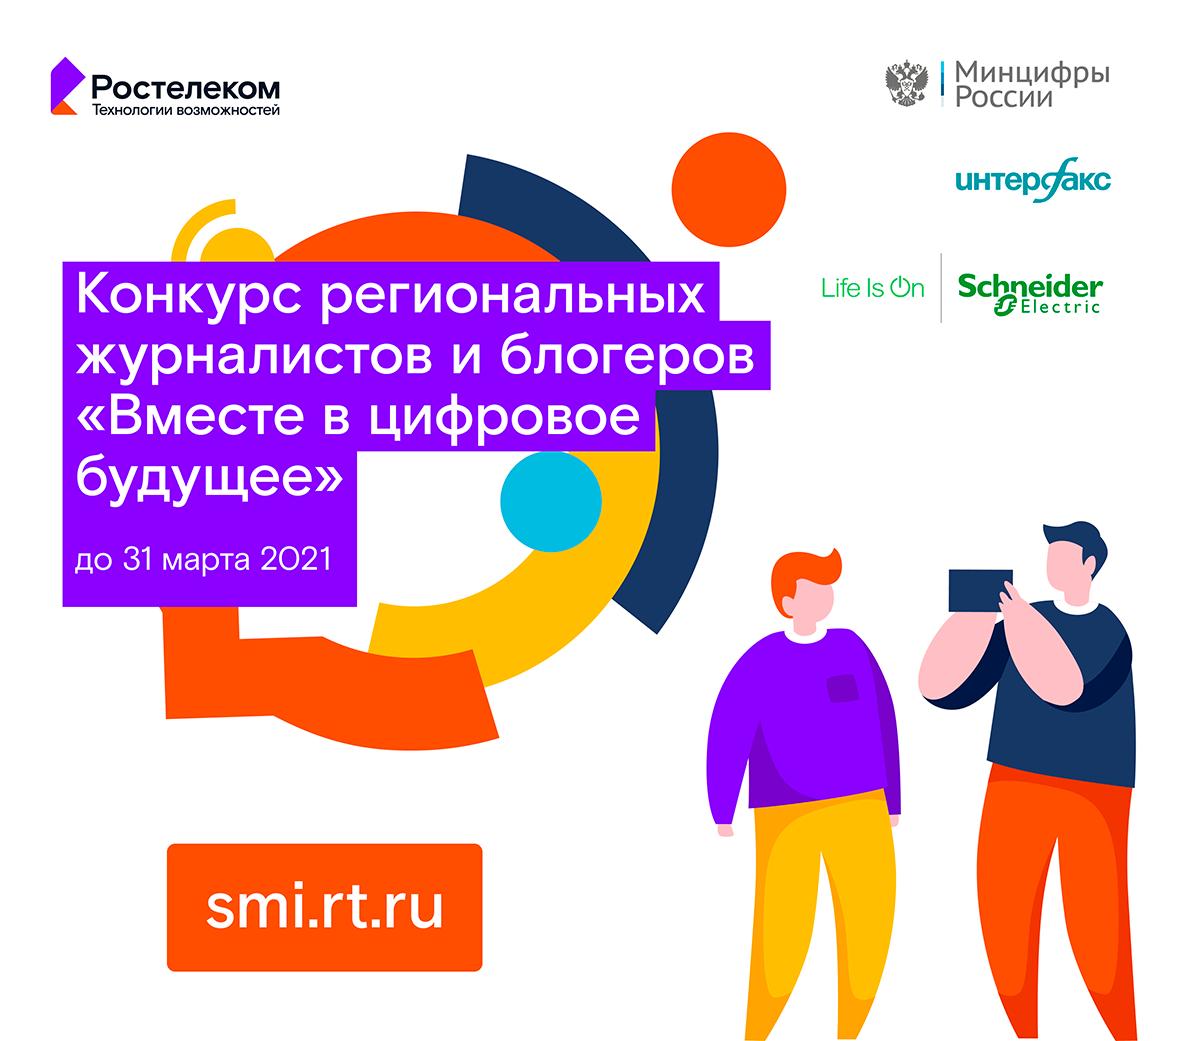 «Вместе в цифровое будущее». Стартовал юбилейный конкурс региональных журналистов и блогеров